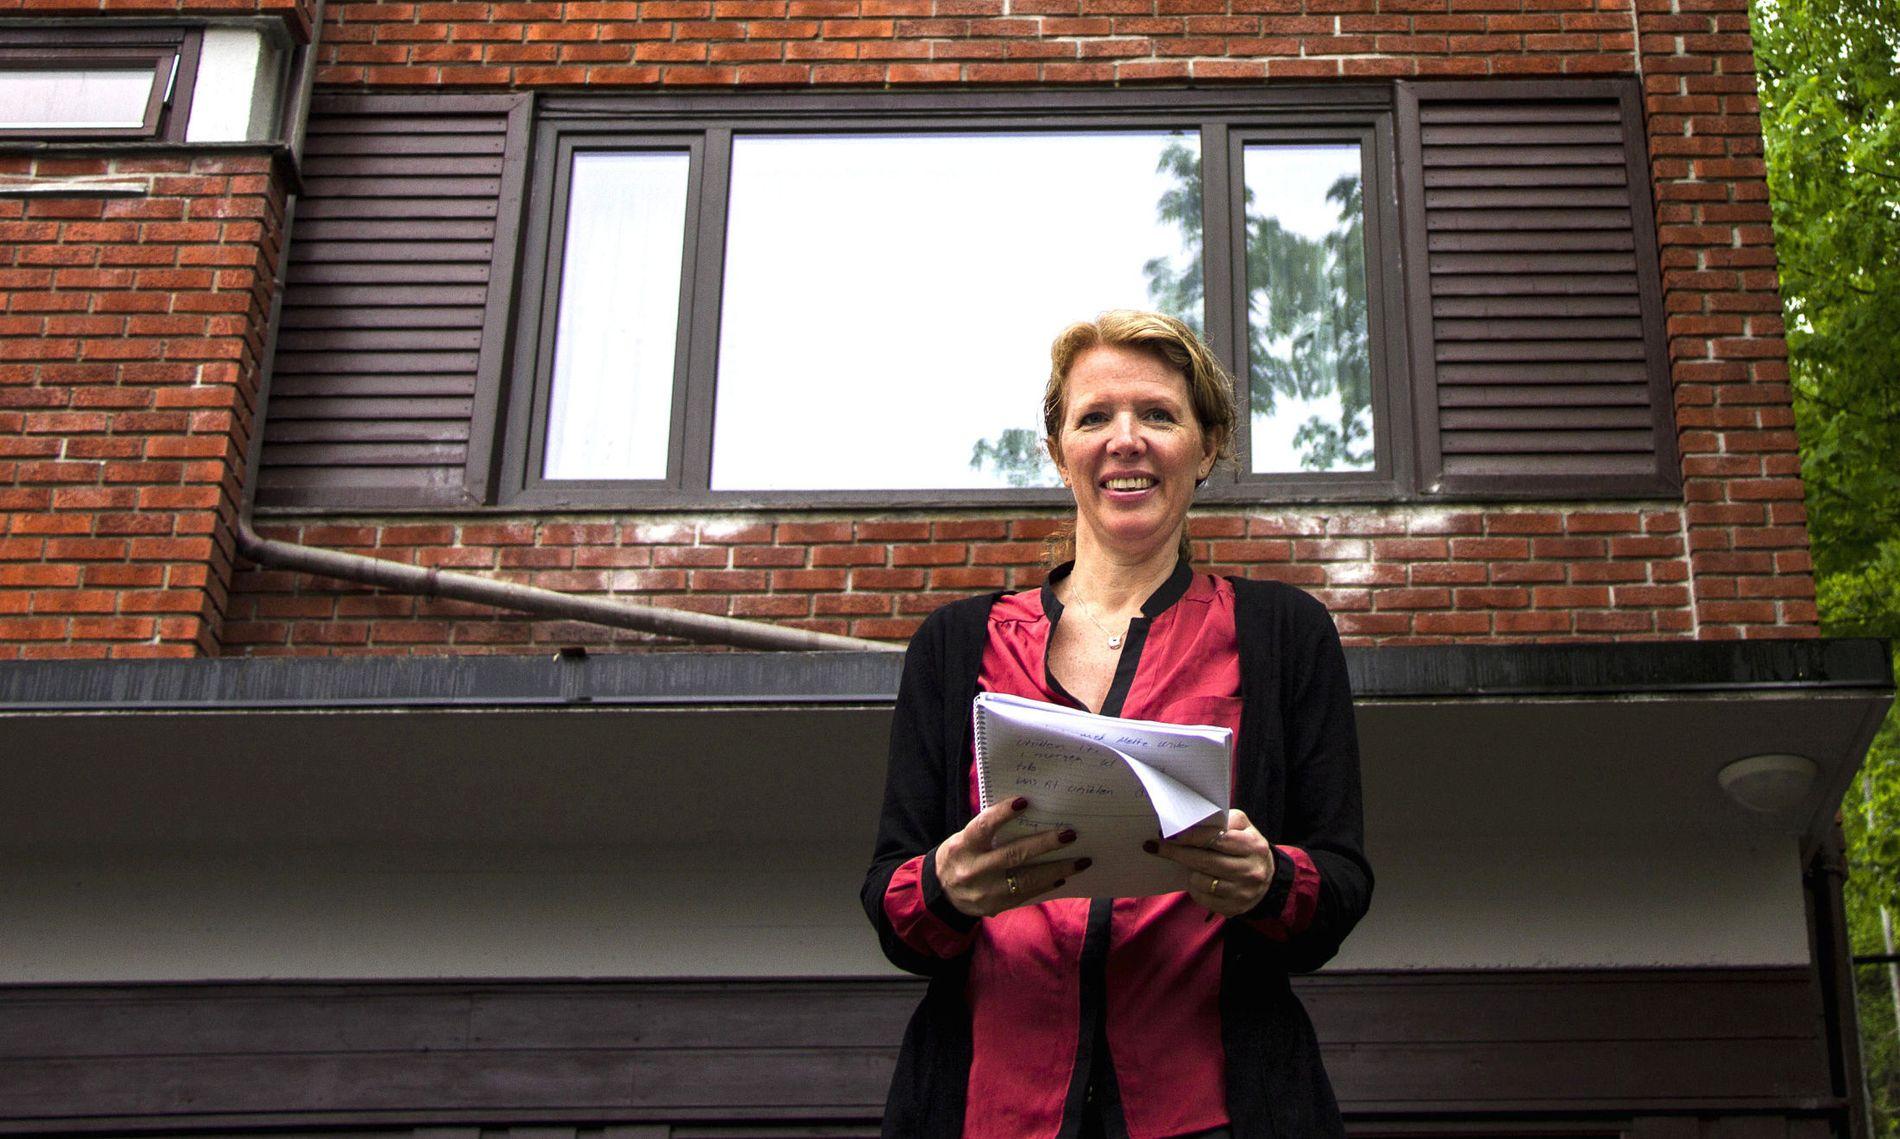 Lønnsom boligutleie: Ved å kjøpe en utleiebolig der det er riktig balanse mellom investeringskostnad, mulig verdistigning, løpende utgifter og sikre stabile utleieinntekter, oppnår du lønnsomhet over tid, sier Catherine Sand. Her foran sin utleiebolig i Ekebergskrenten i Oslo.